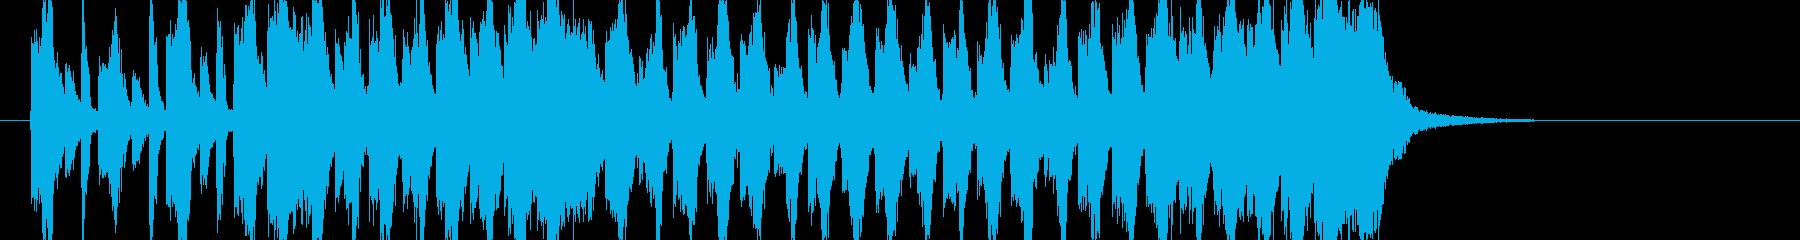 煽りEDM アイネクライネ ショート2の再生済みの波形